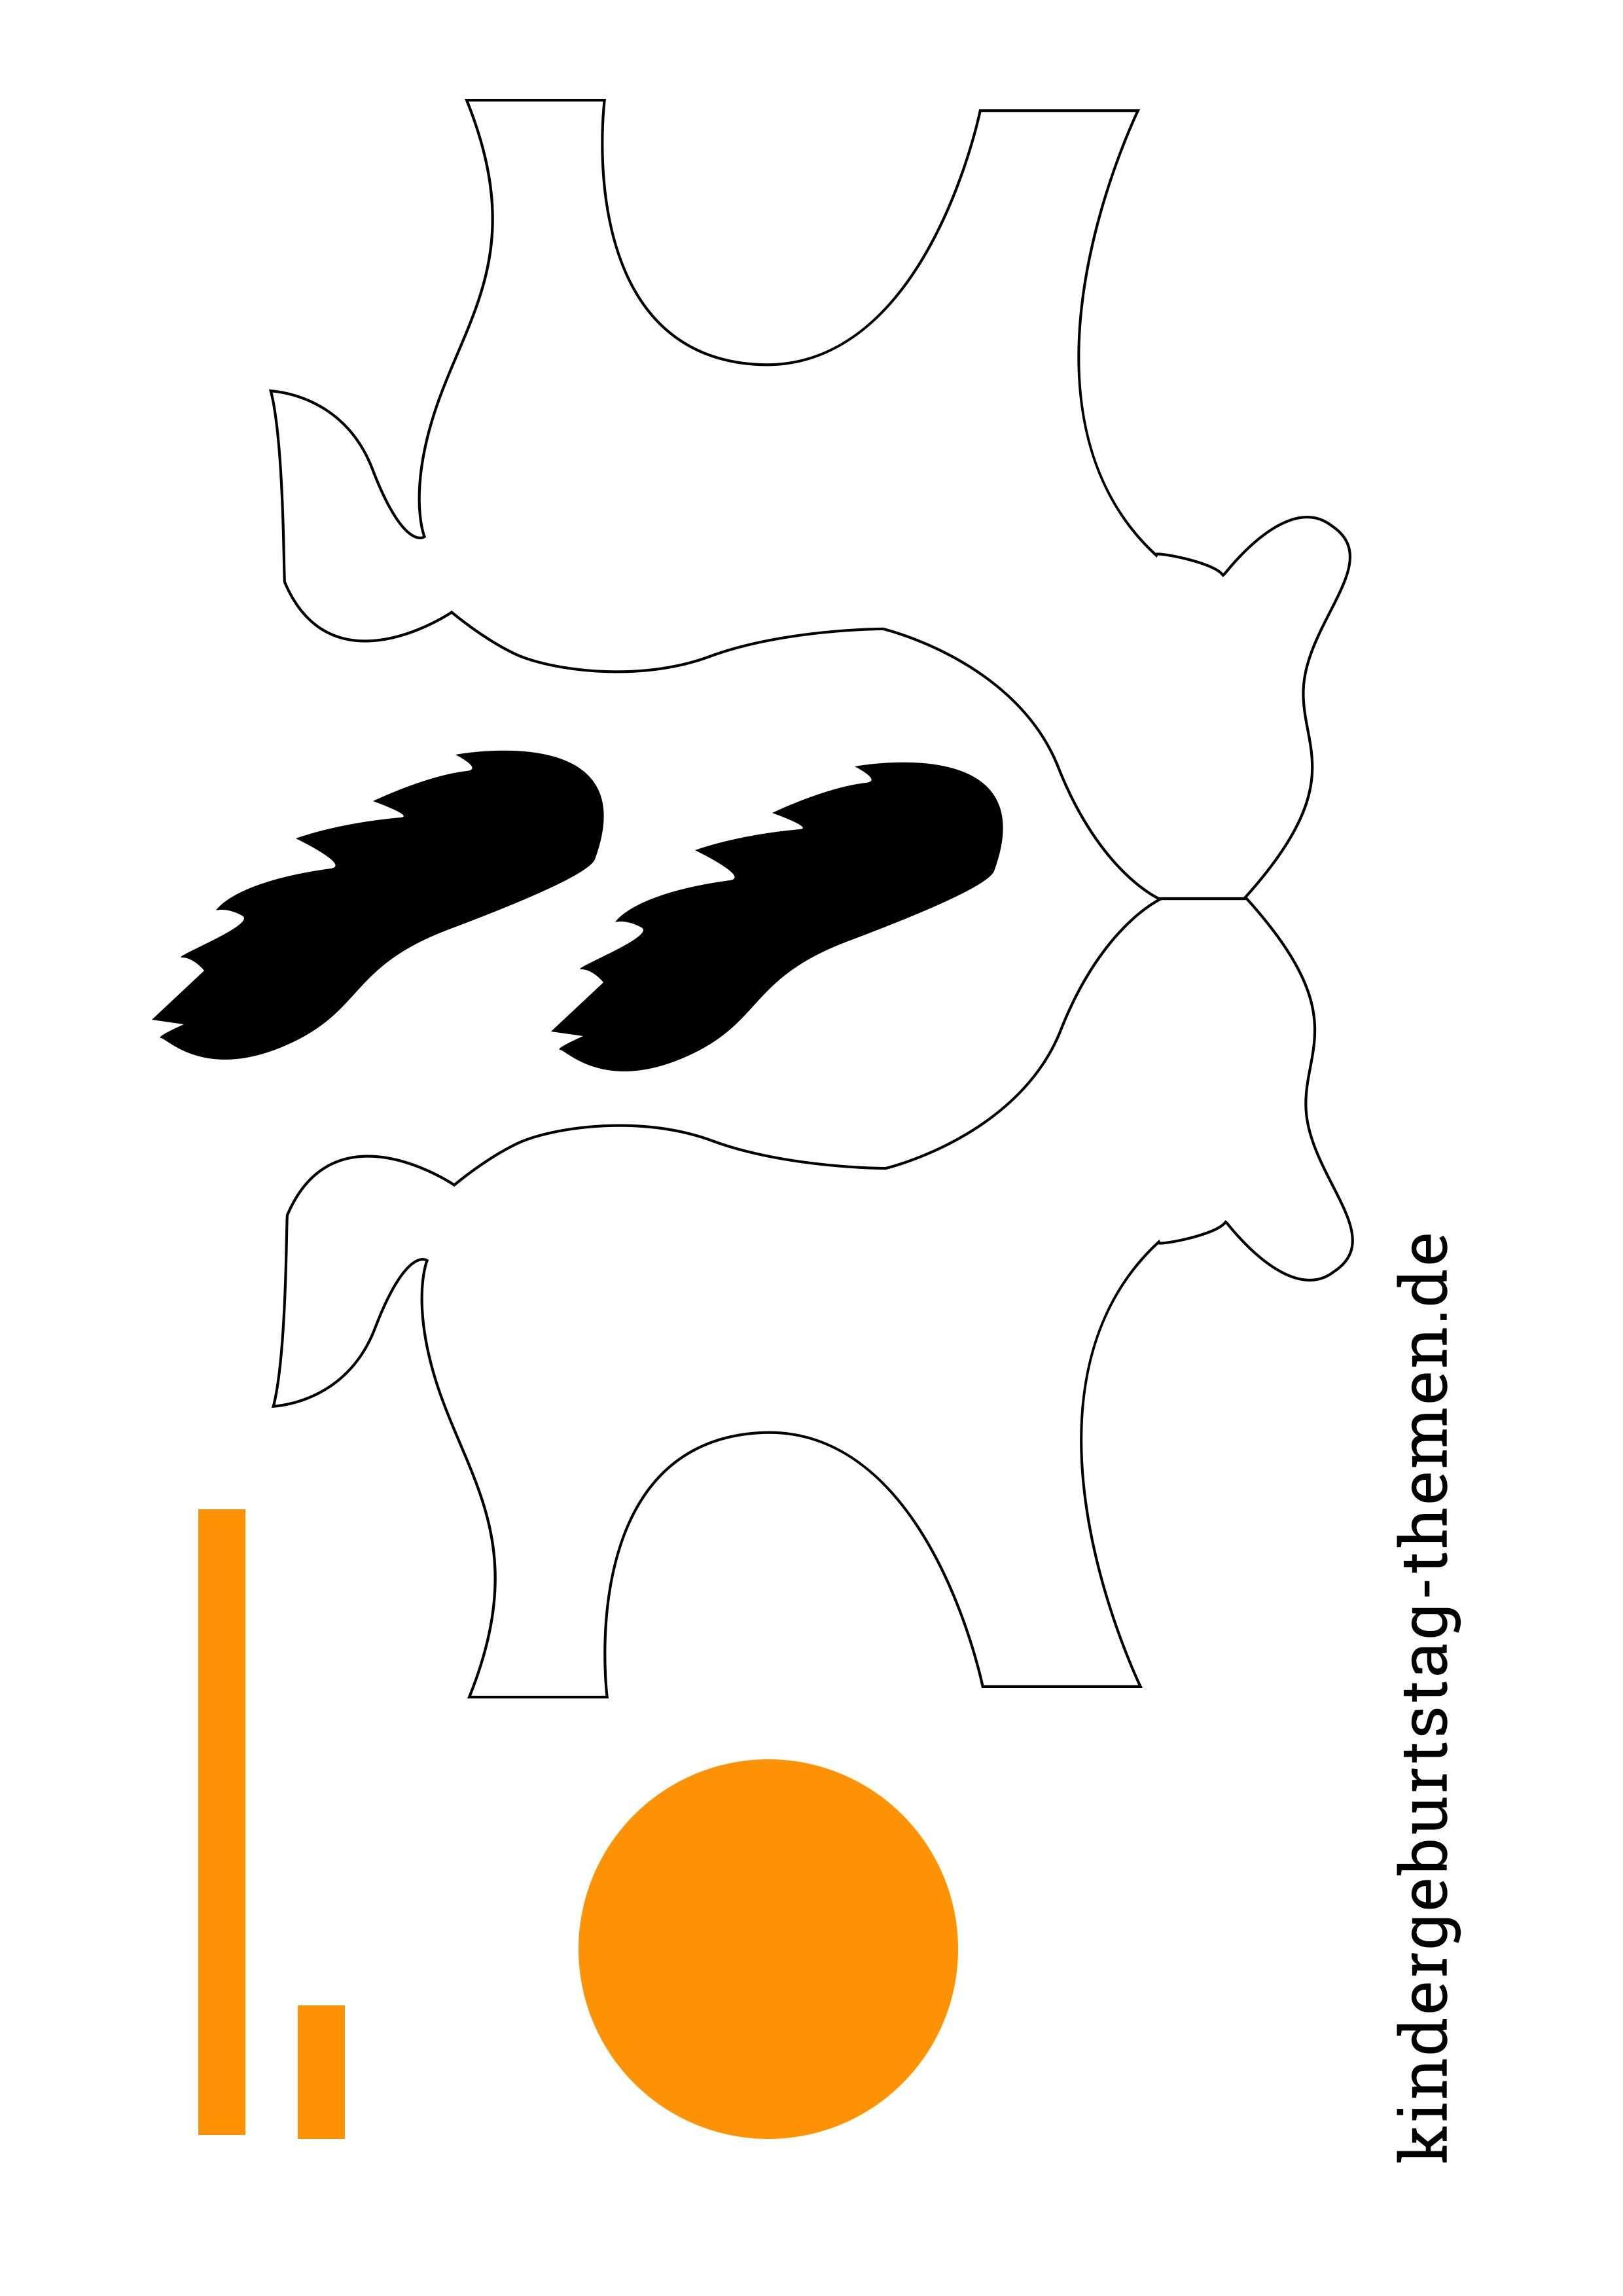 Pferd Basteln Aus Papier Kostenlose Vorlage Und Anleitung Einladungskarten Kindergeburtstag Basteln Pferd Vorlage Kindergeburtstag Basteln